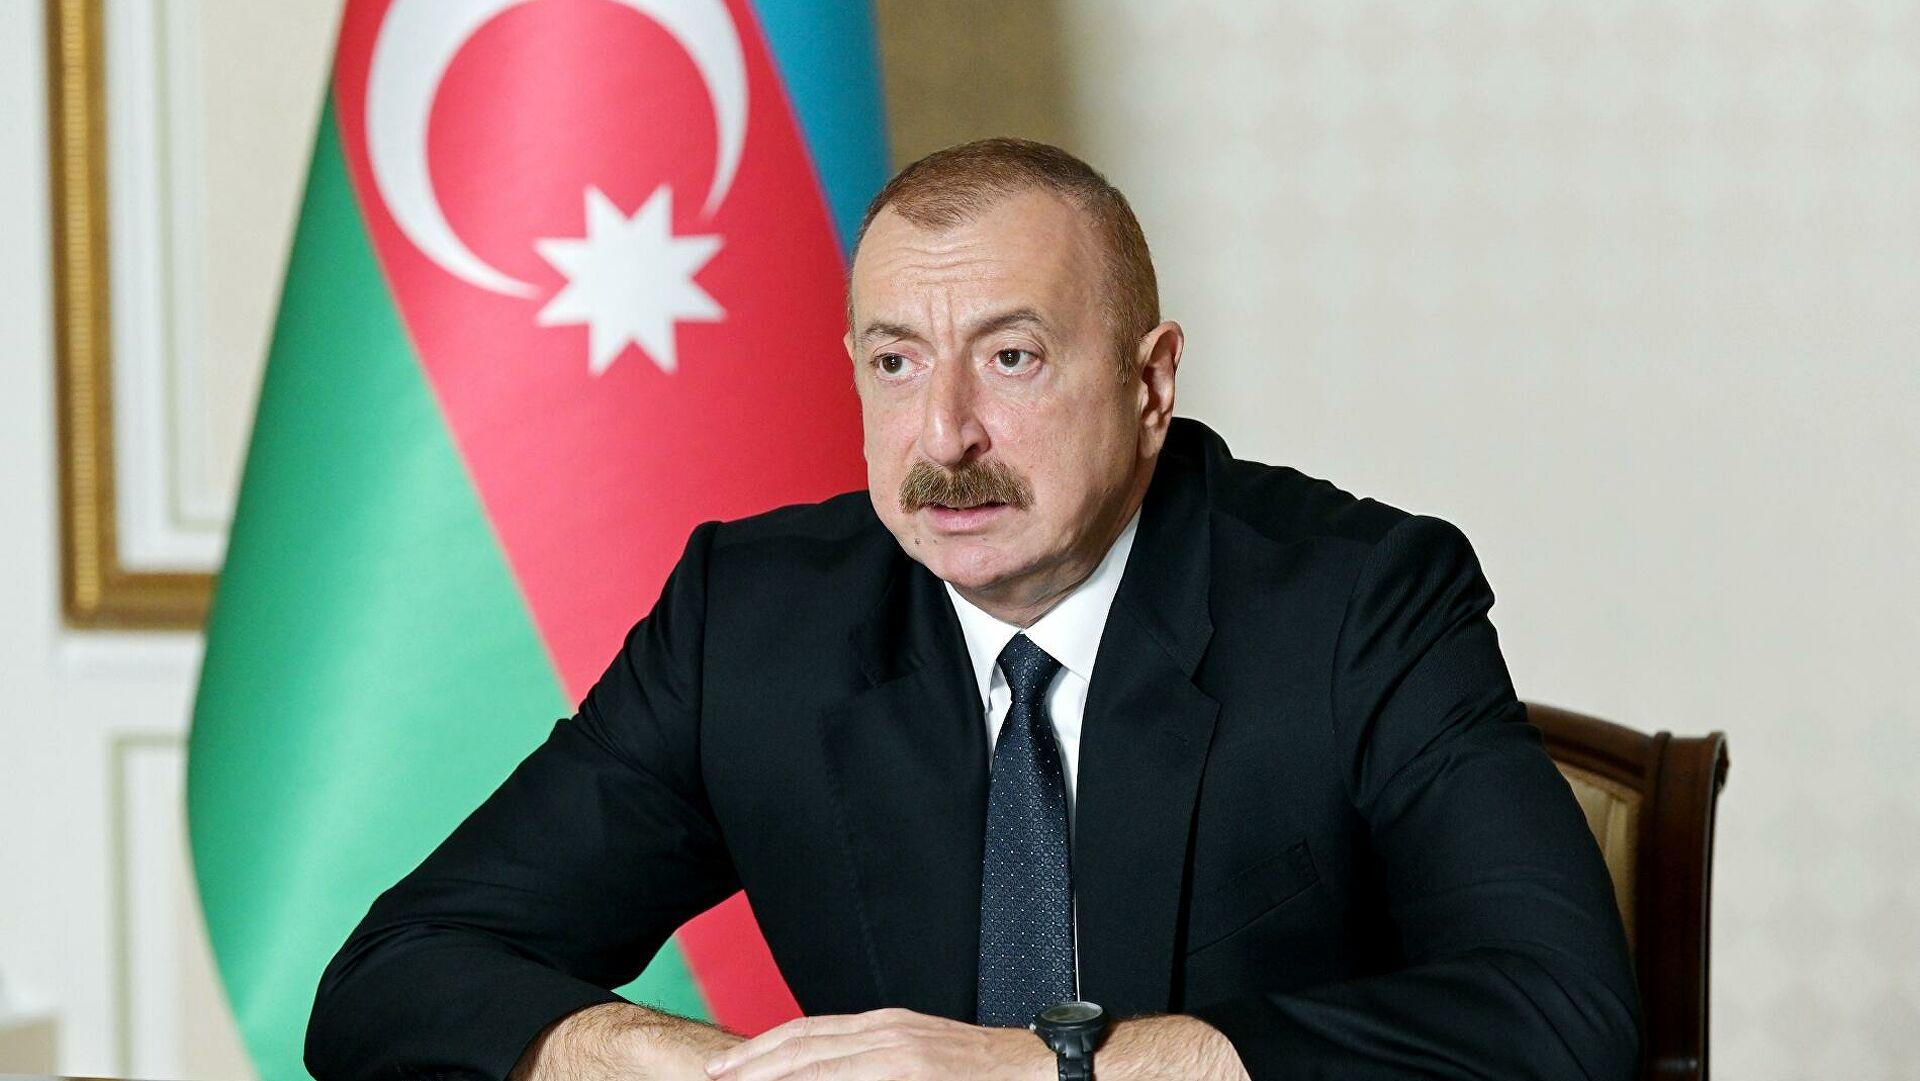 Алијев: Азербејџан је сам решио конфликт у Нагорно-Карабаху на бојном пољу и за преговарачким столом